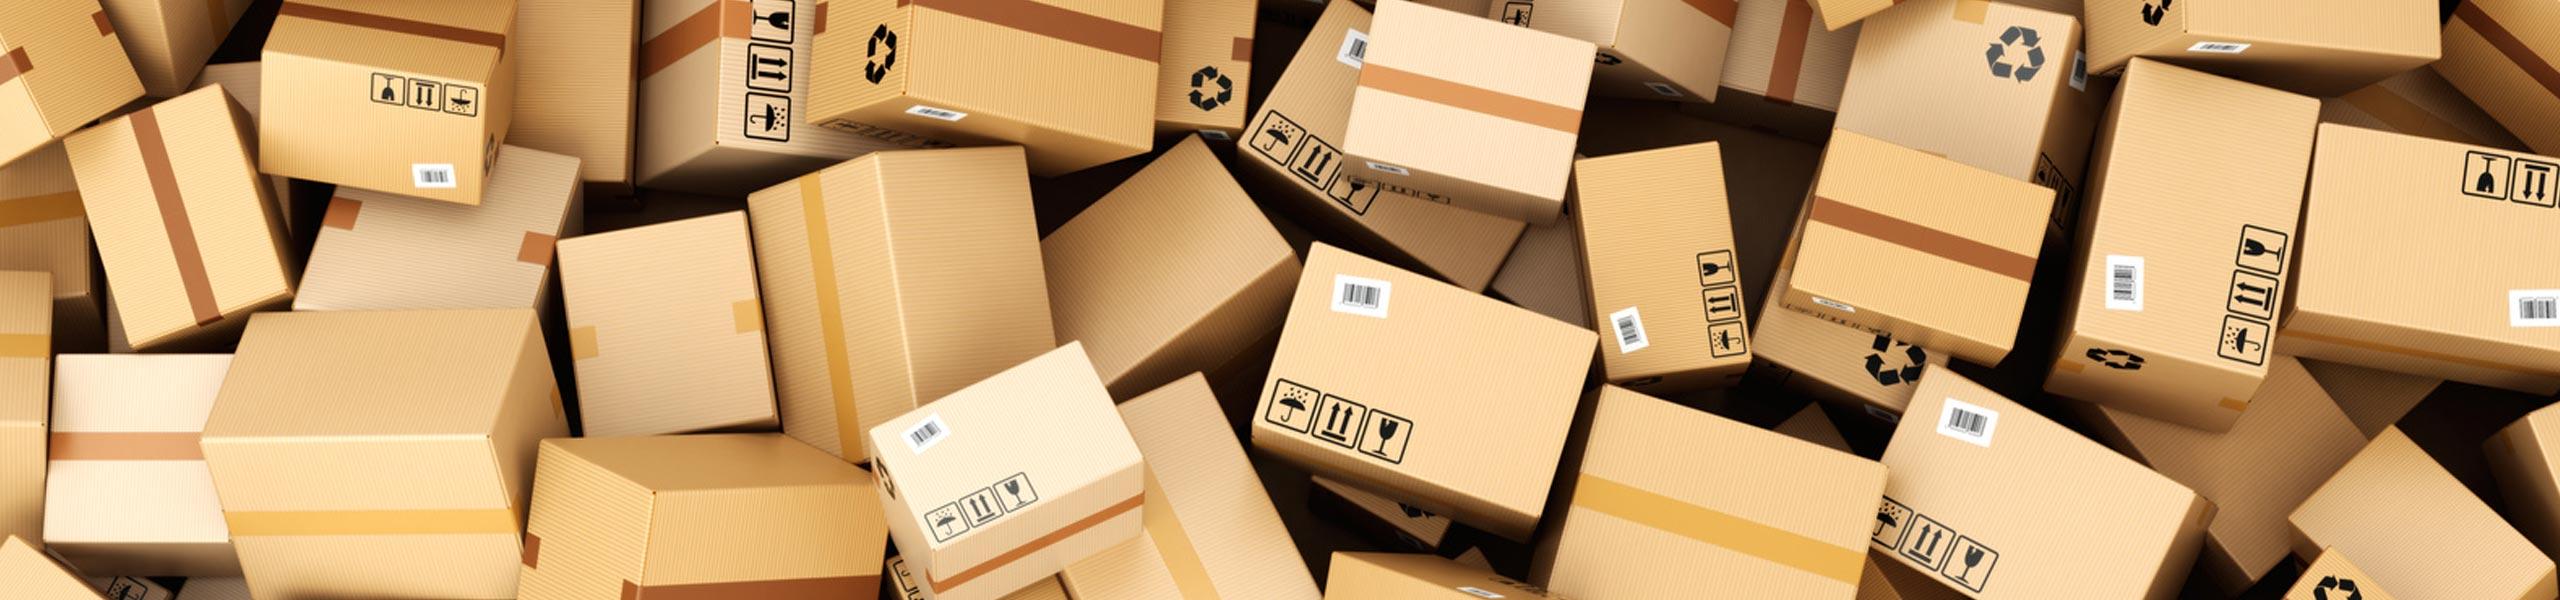 equip3000 etiquetas logística